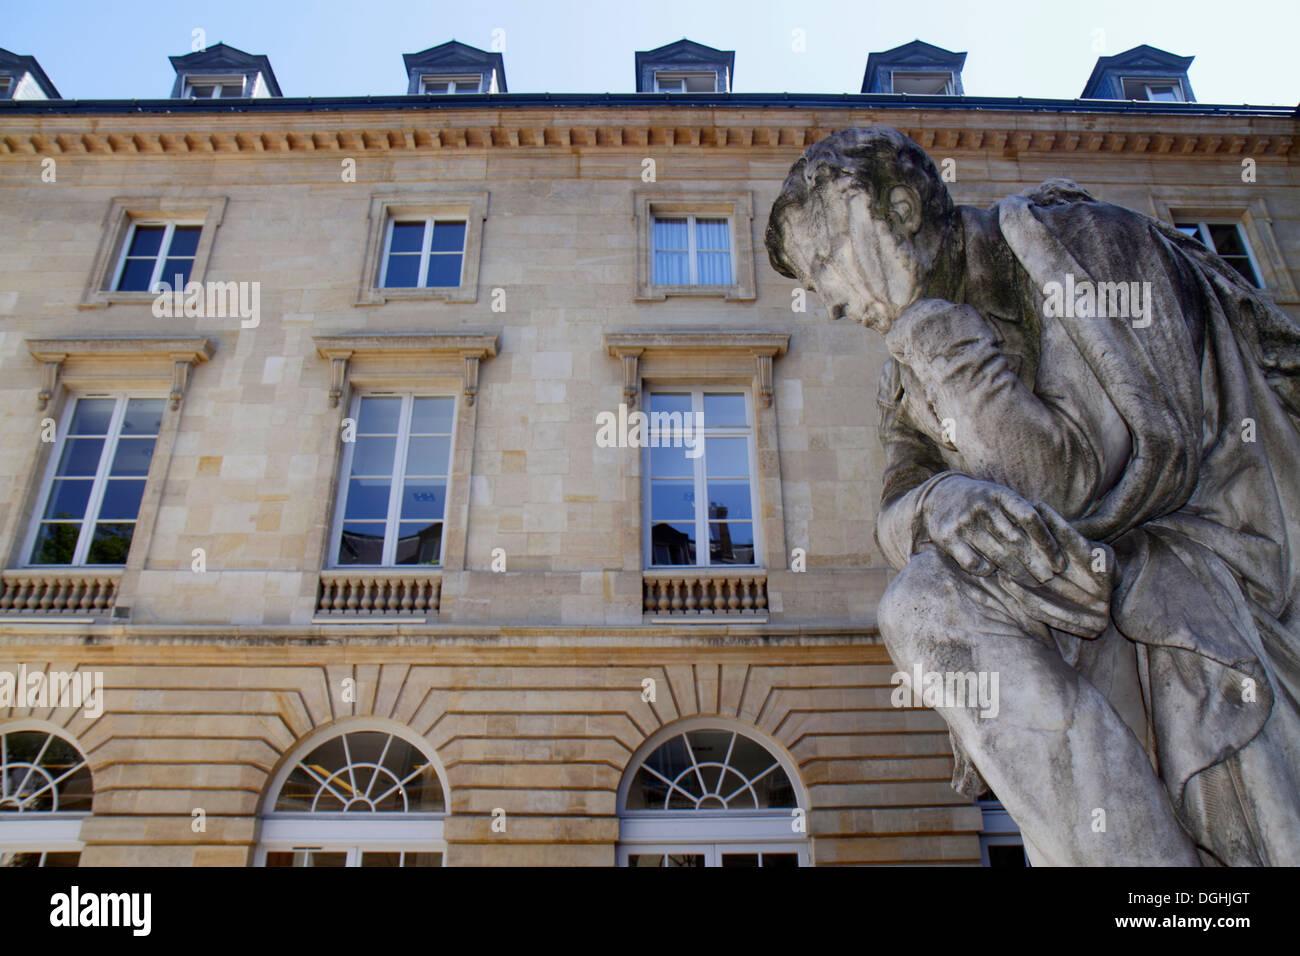 Paris France Europe French 5th arrondissement Latin Quarter Rive Gauche Left Bank Rue des Écoles Place Marcellin Berthelot Collè - Stock Image